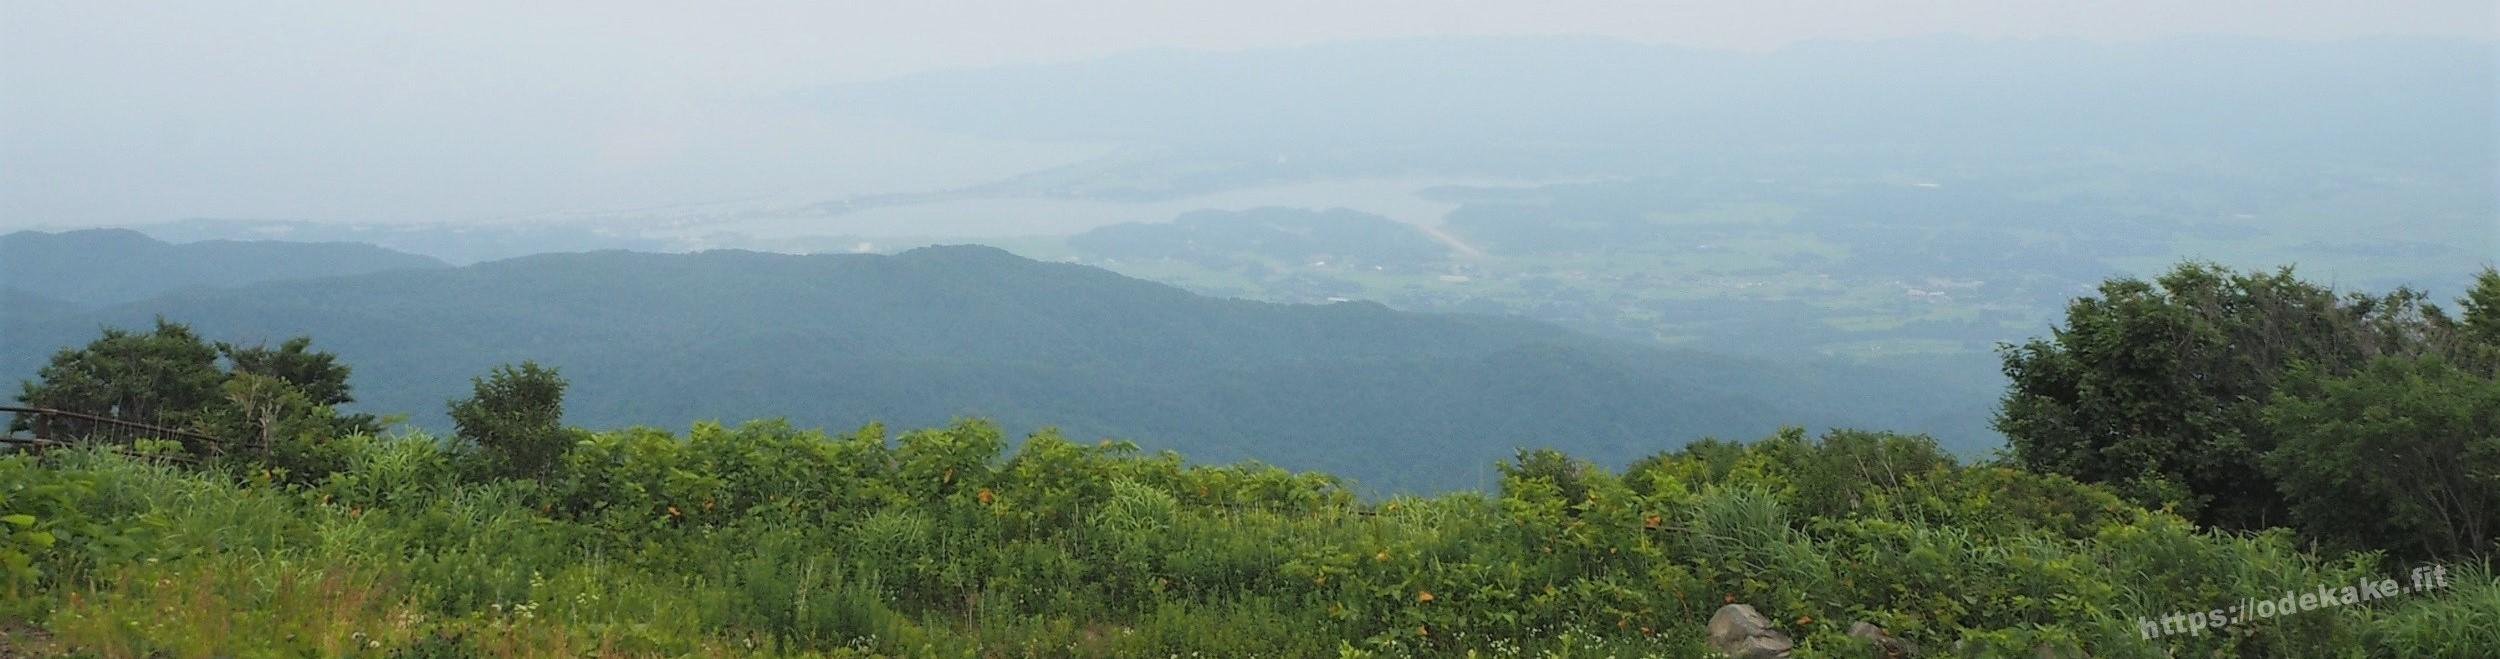 【佐渡】白雲台×大佐渡スカイラインからの景色★佐渡の地形を見下ろそう(おけさAツアー)